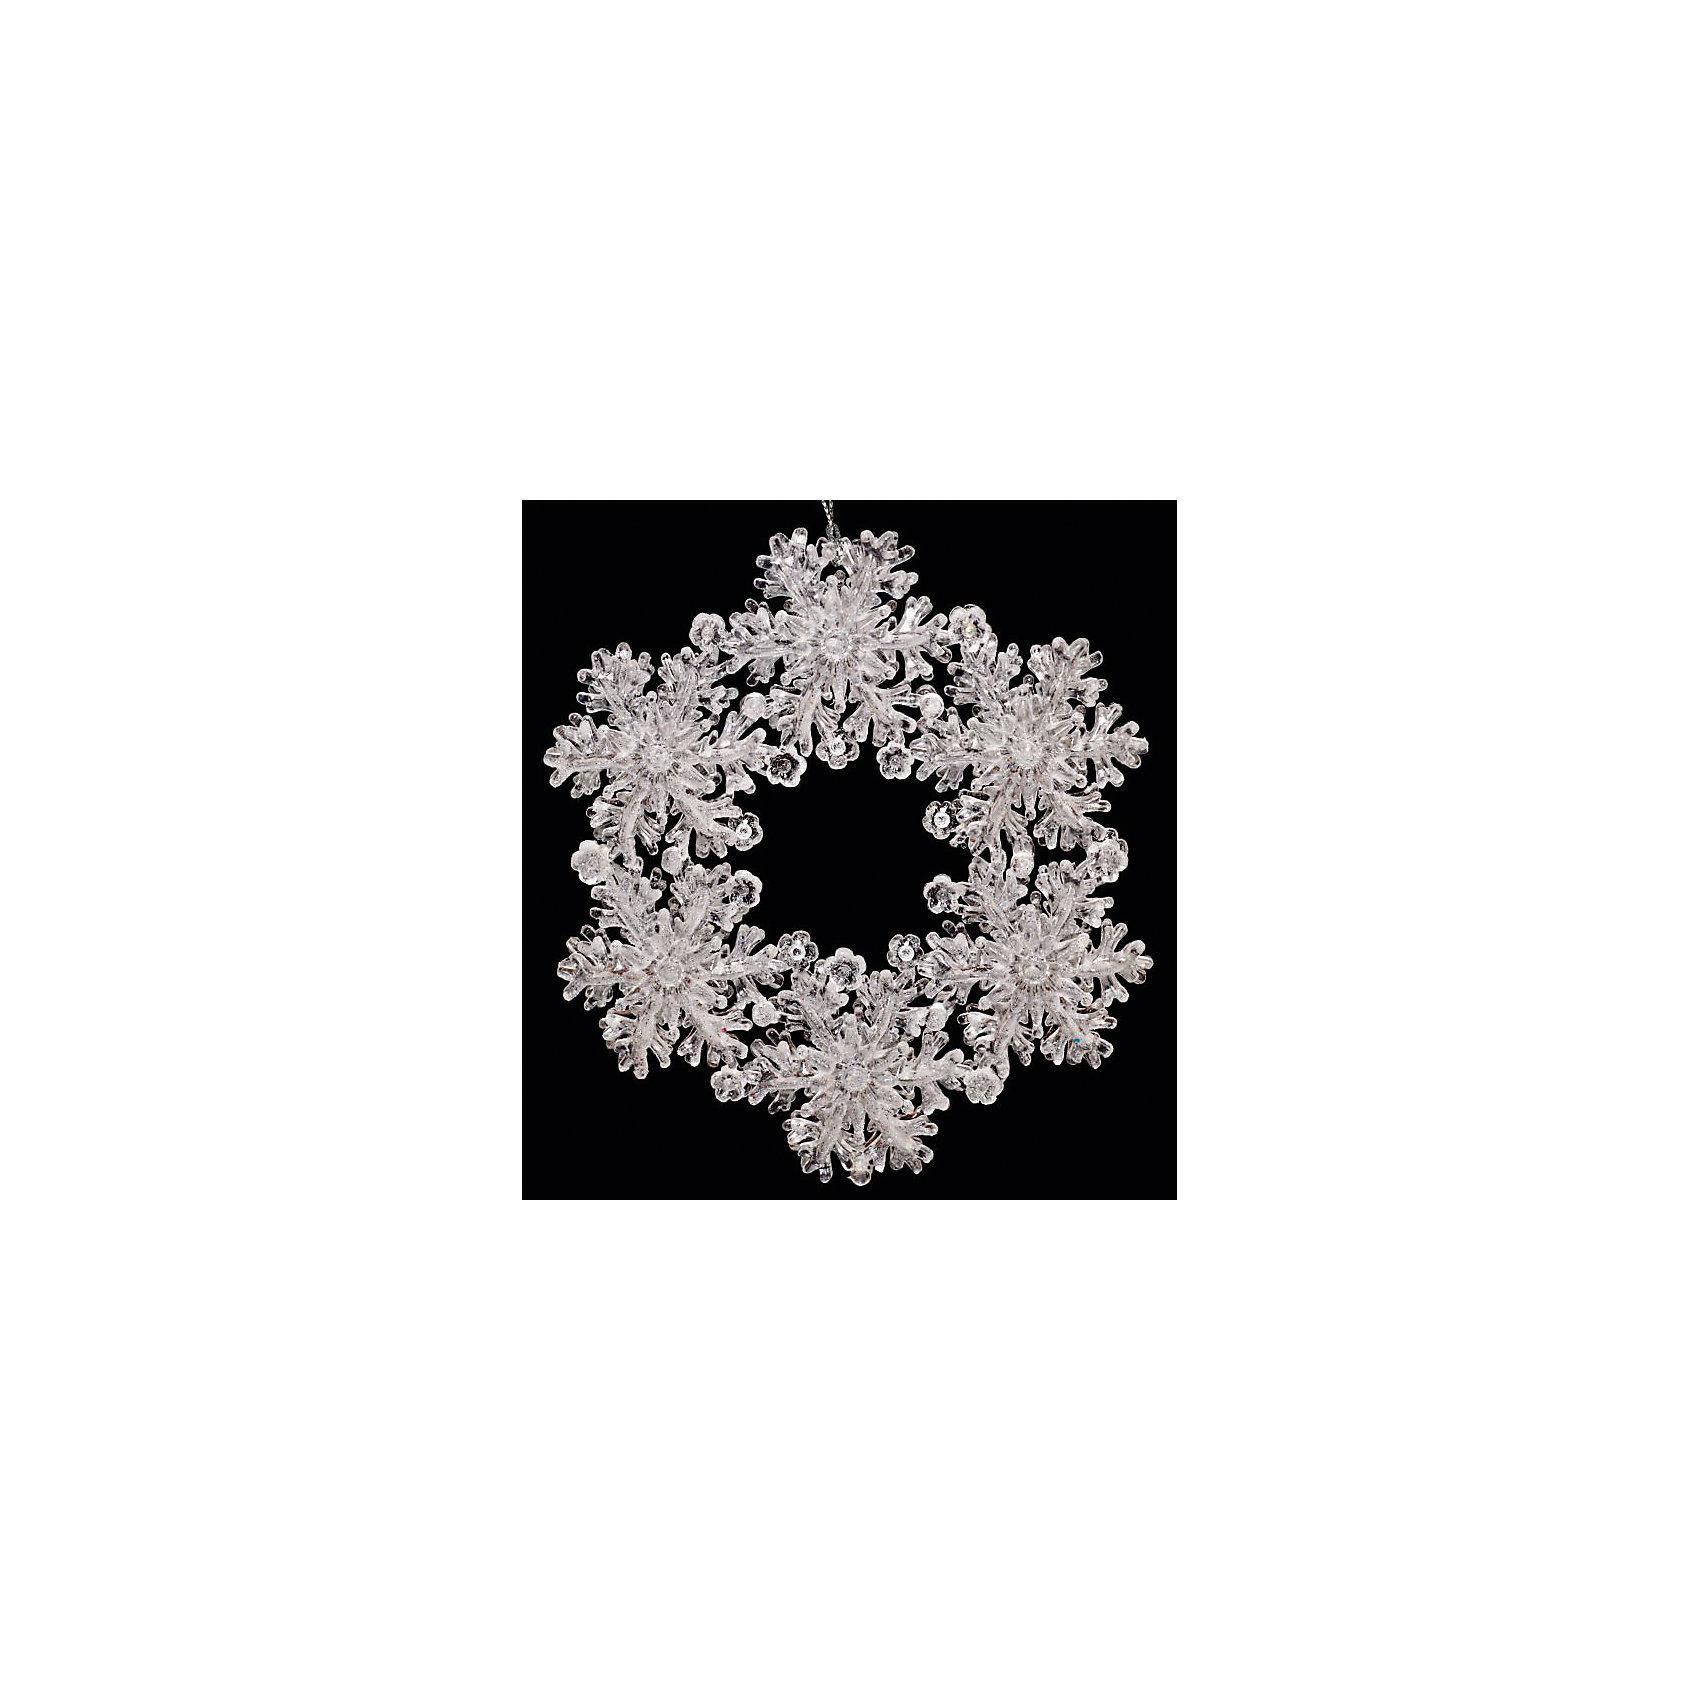 Украшение ВенокУкрашение Венок, Феникс-Презент, замечательно украсит Вашу новогоднюю елку или интерьер и создаст праздничное новогоднее настроение. Украшение выполнено в виде красивого веночка из прозрачных, словно изо льда снежинок, оно будет чудесно смотреться на елке и радовать детей и взрослых.<br><br>Дополнительная информация:<br><br>- Материал: пластик.<br>- Размер: 12,7 см.<br>- Размер упаковки: 2 x 15 x 22 см.<br><br>Украшение Венок, Феникс-Презент, можно купить в нашем интернет-магазине.<br><br>Ширина мм: 20<br>Глубина мм: 150<br>Высота мм: 220<br>Вес г: 60<br>Возраст от месяцев: 36<br>Возраст до месяцев: 2147483647<br>Пол: Унисекс<br>Возраст: Детский<br>SKU: 4276501